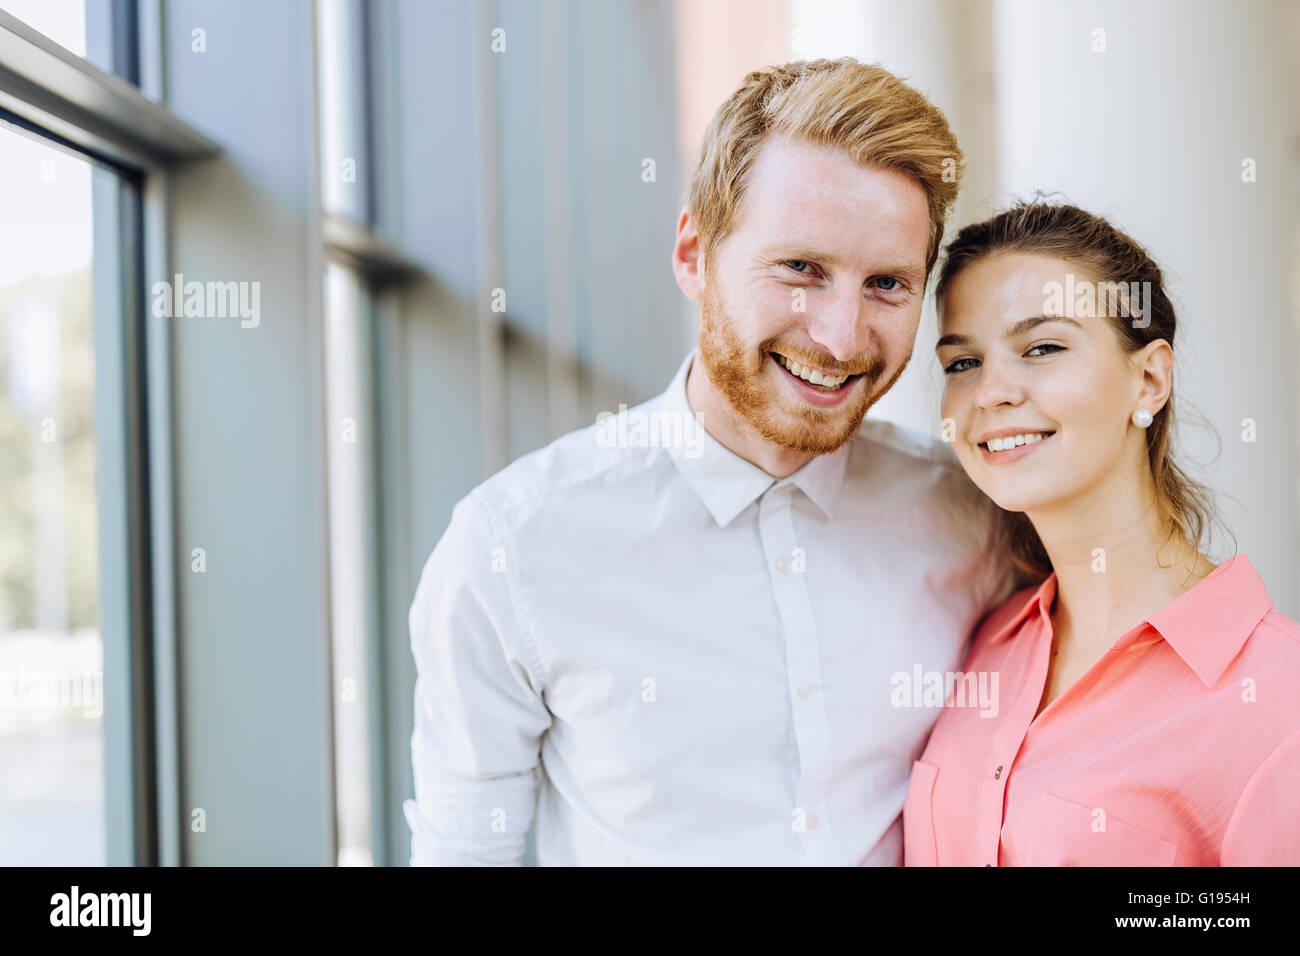 Hermosa colegas de negocios sonriendo y estar cerca unos de otros. Sinceros sentimientos Imagen De Stock